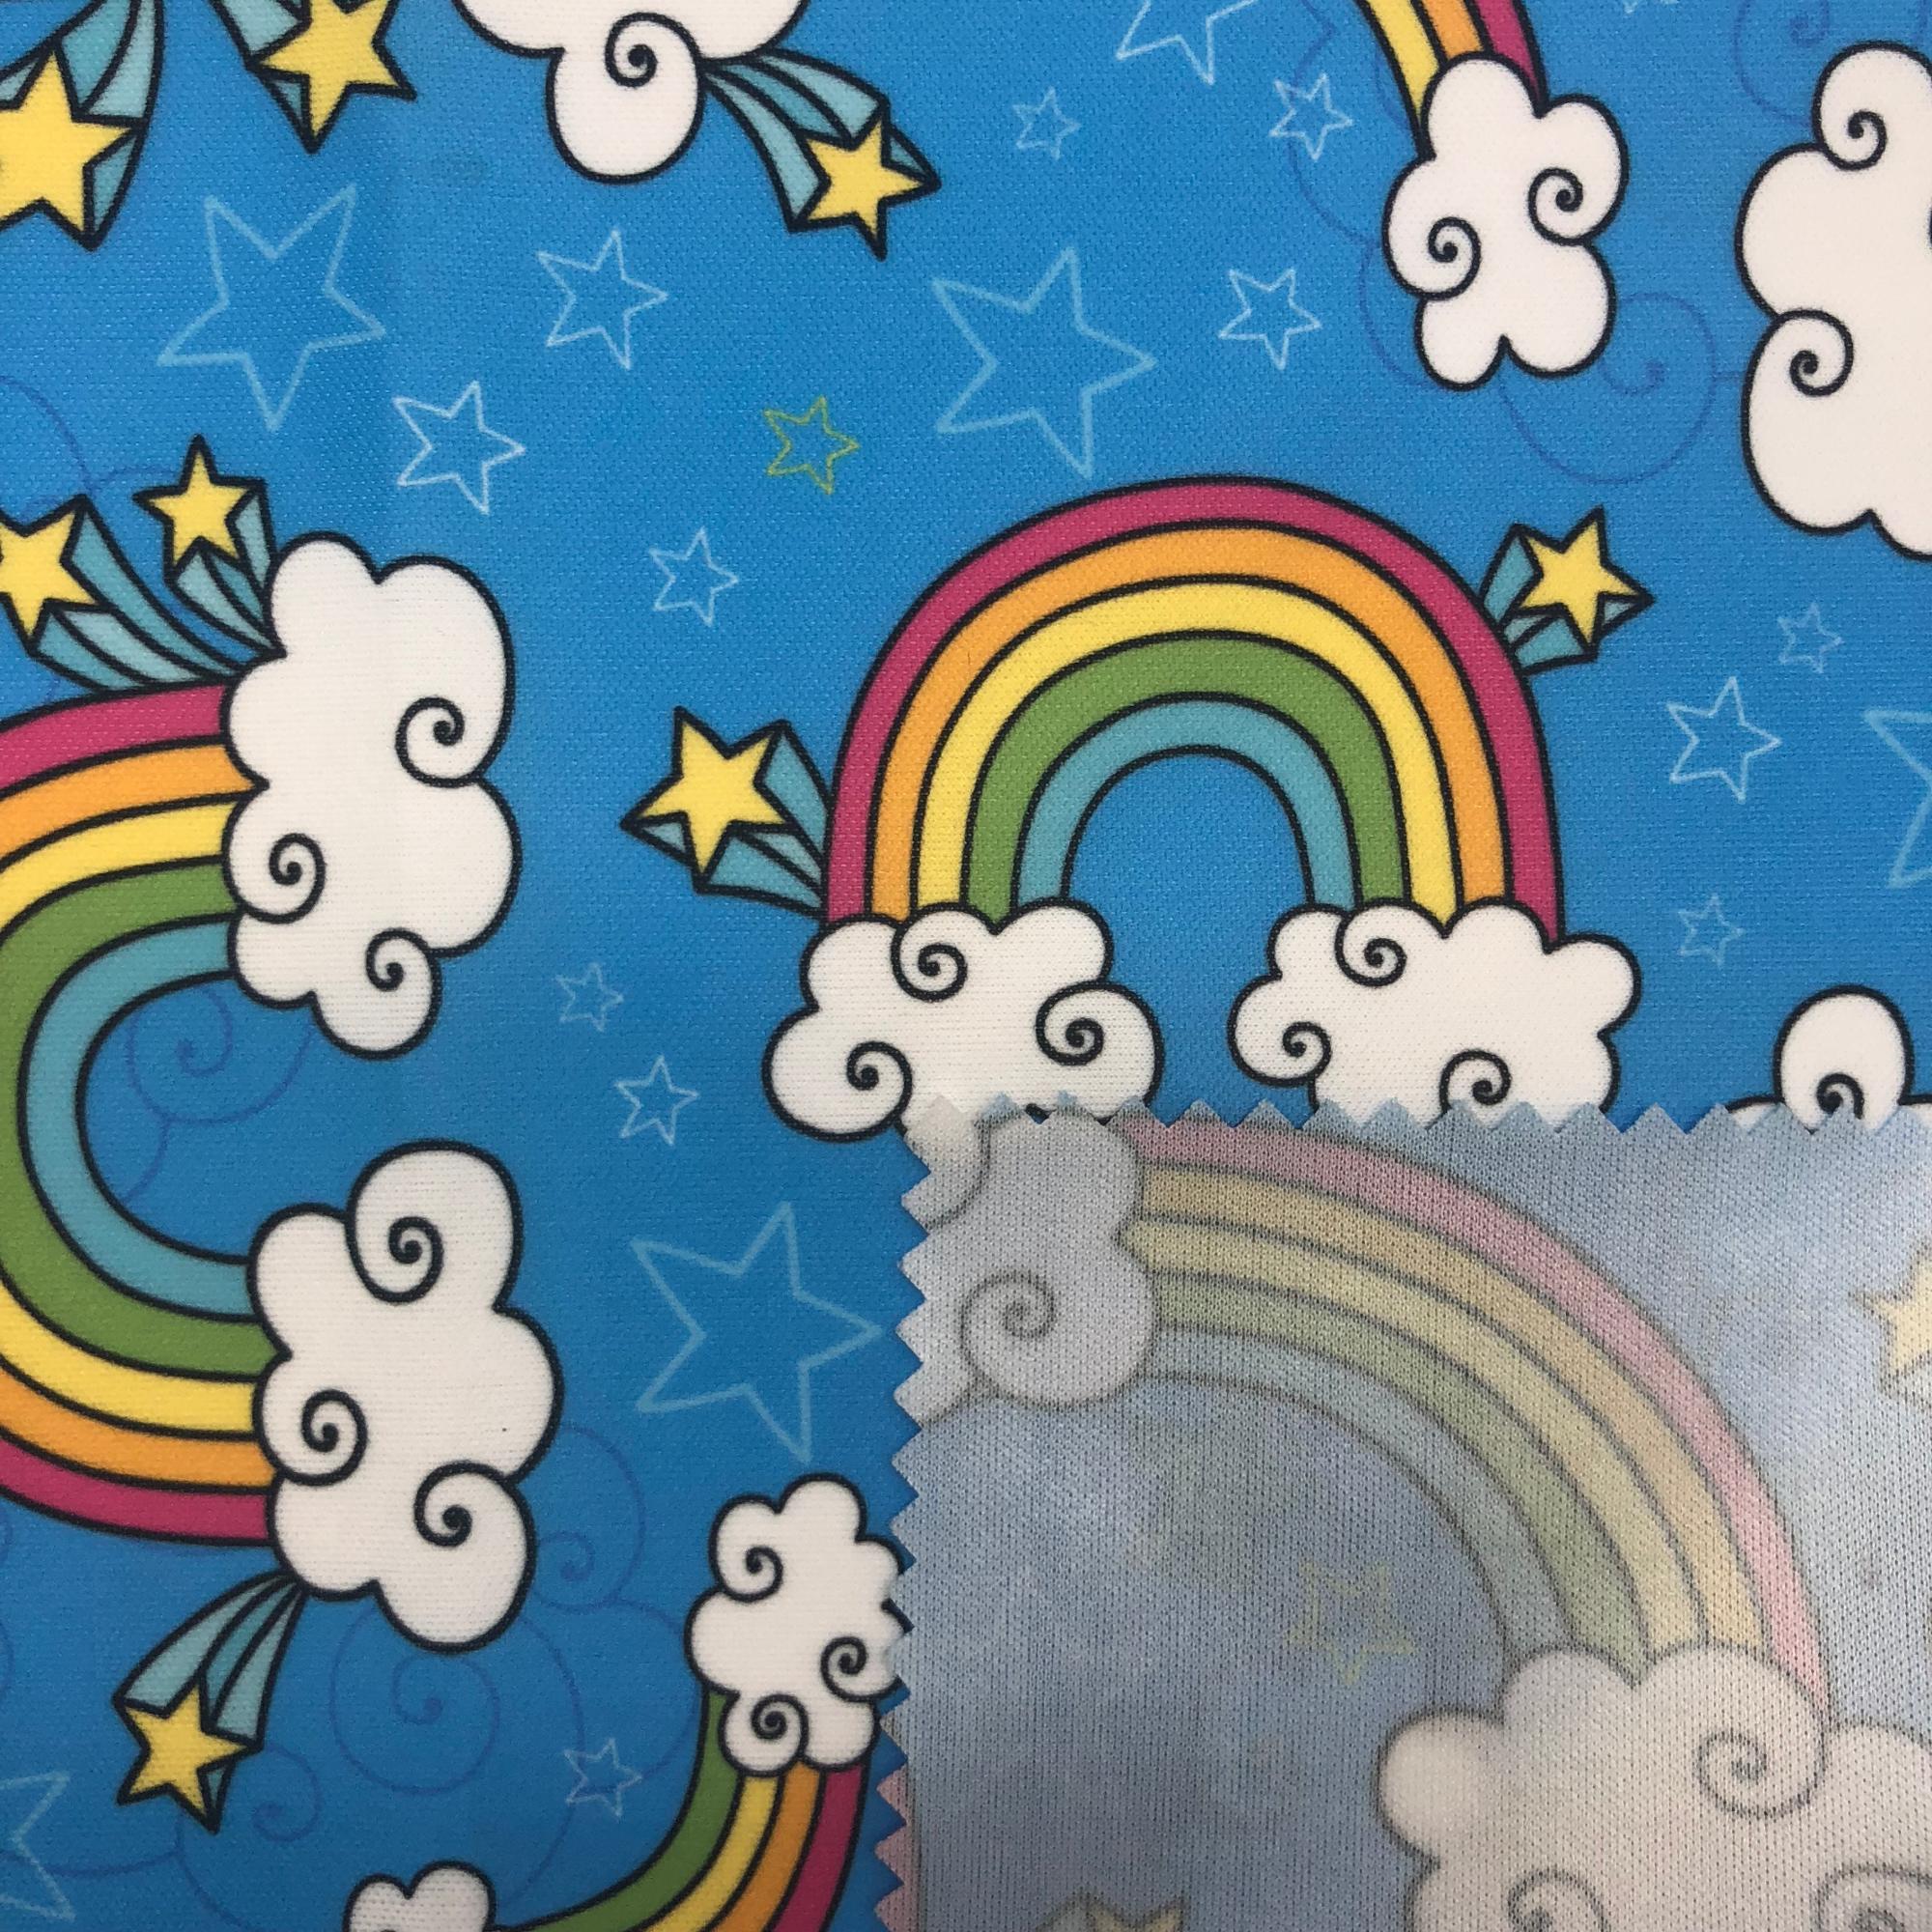 Baixo Moq Aceitar Design Personalizado Impressão Pul Tecido Para Fraldas de Pano